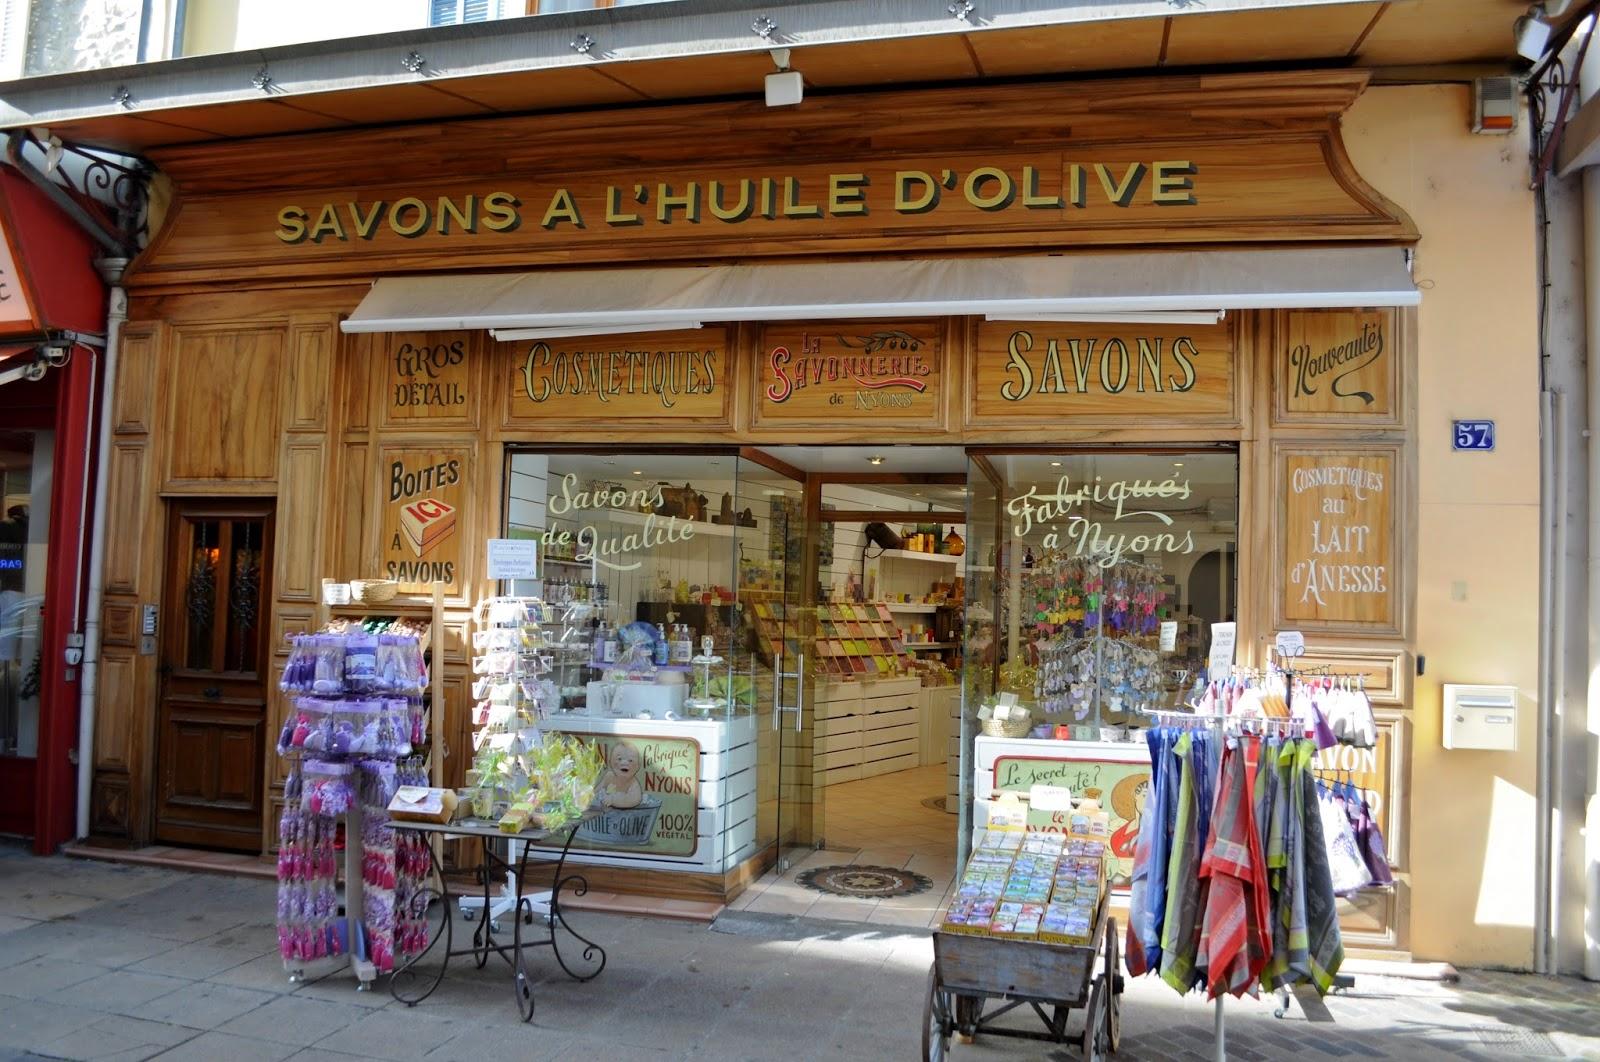 Our house in provence market day in vaison la romaine and - Office du tourisme de vaison la romaine ...